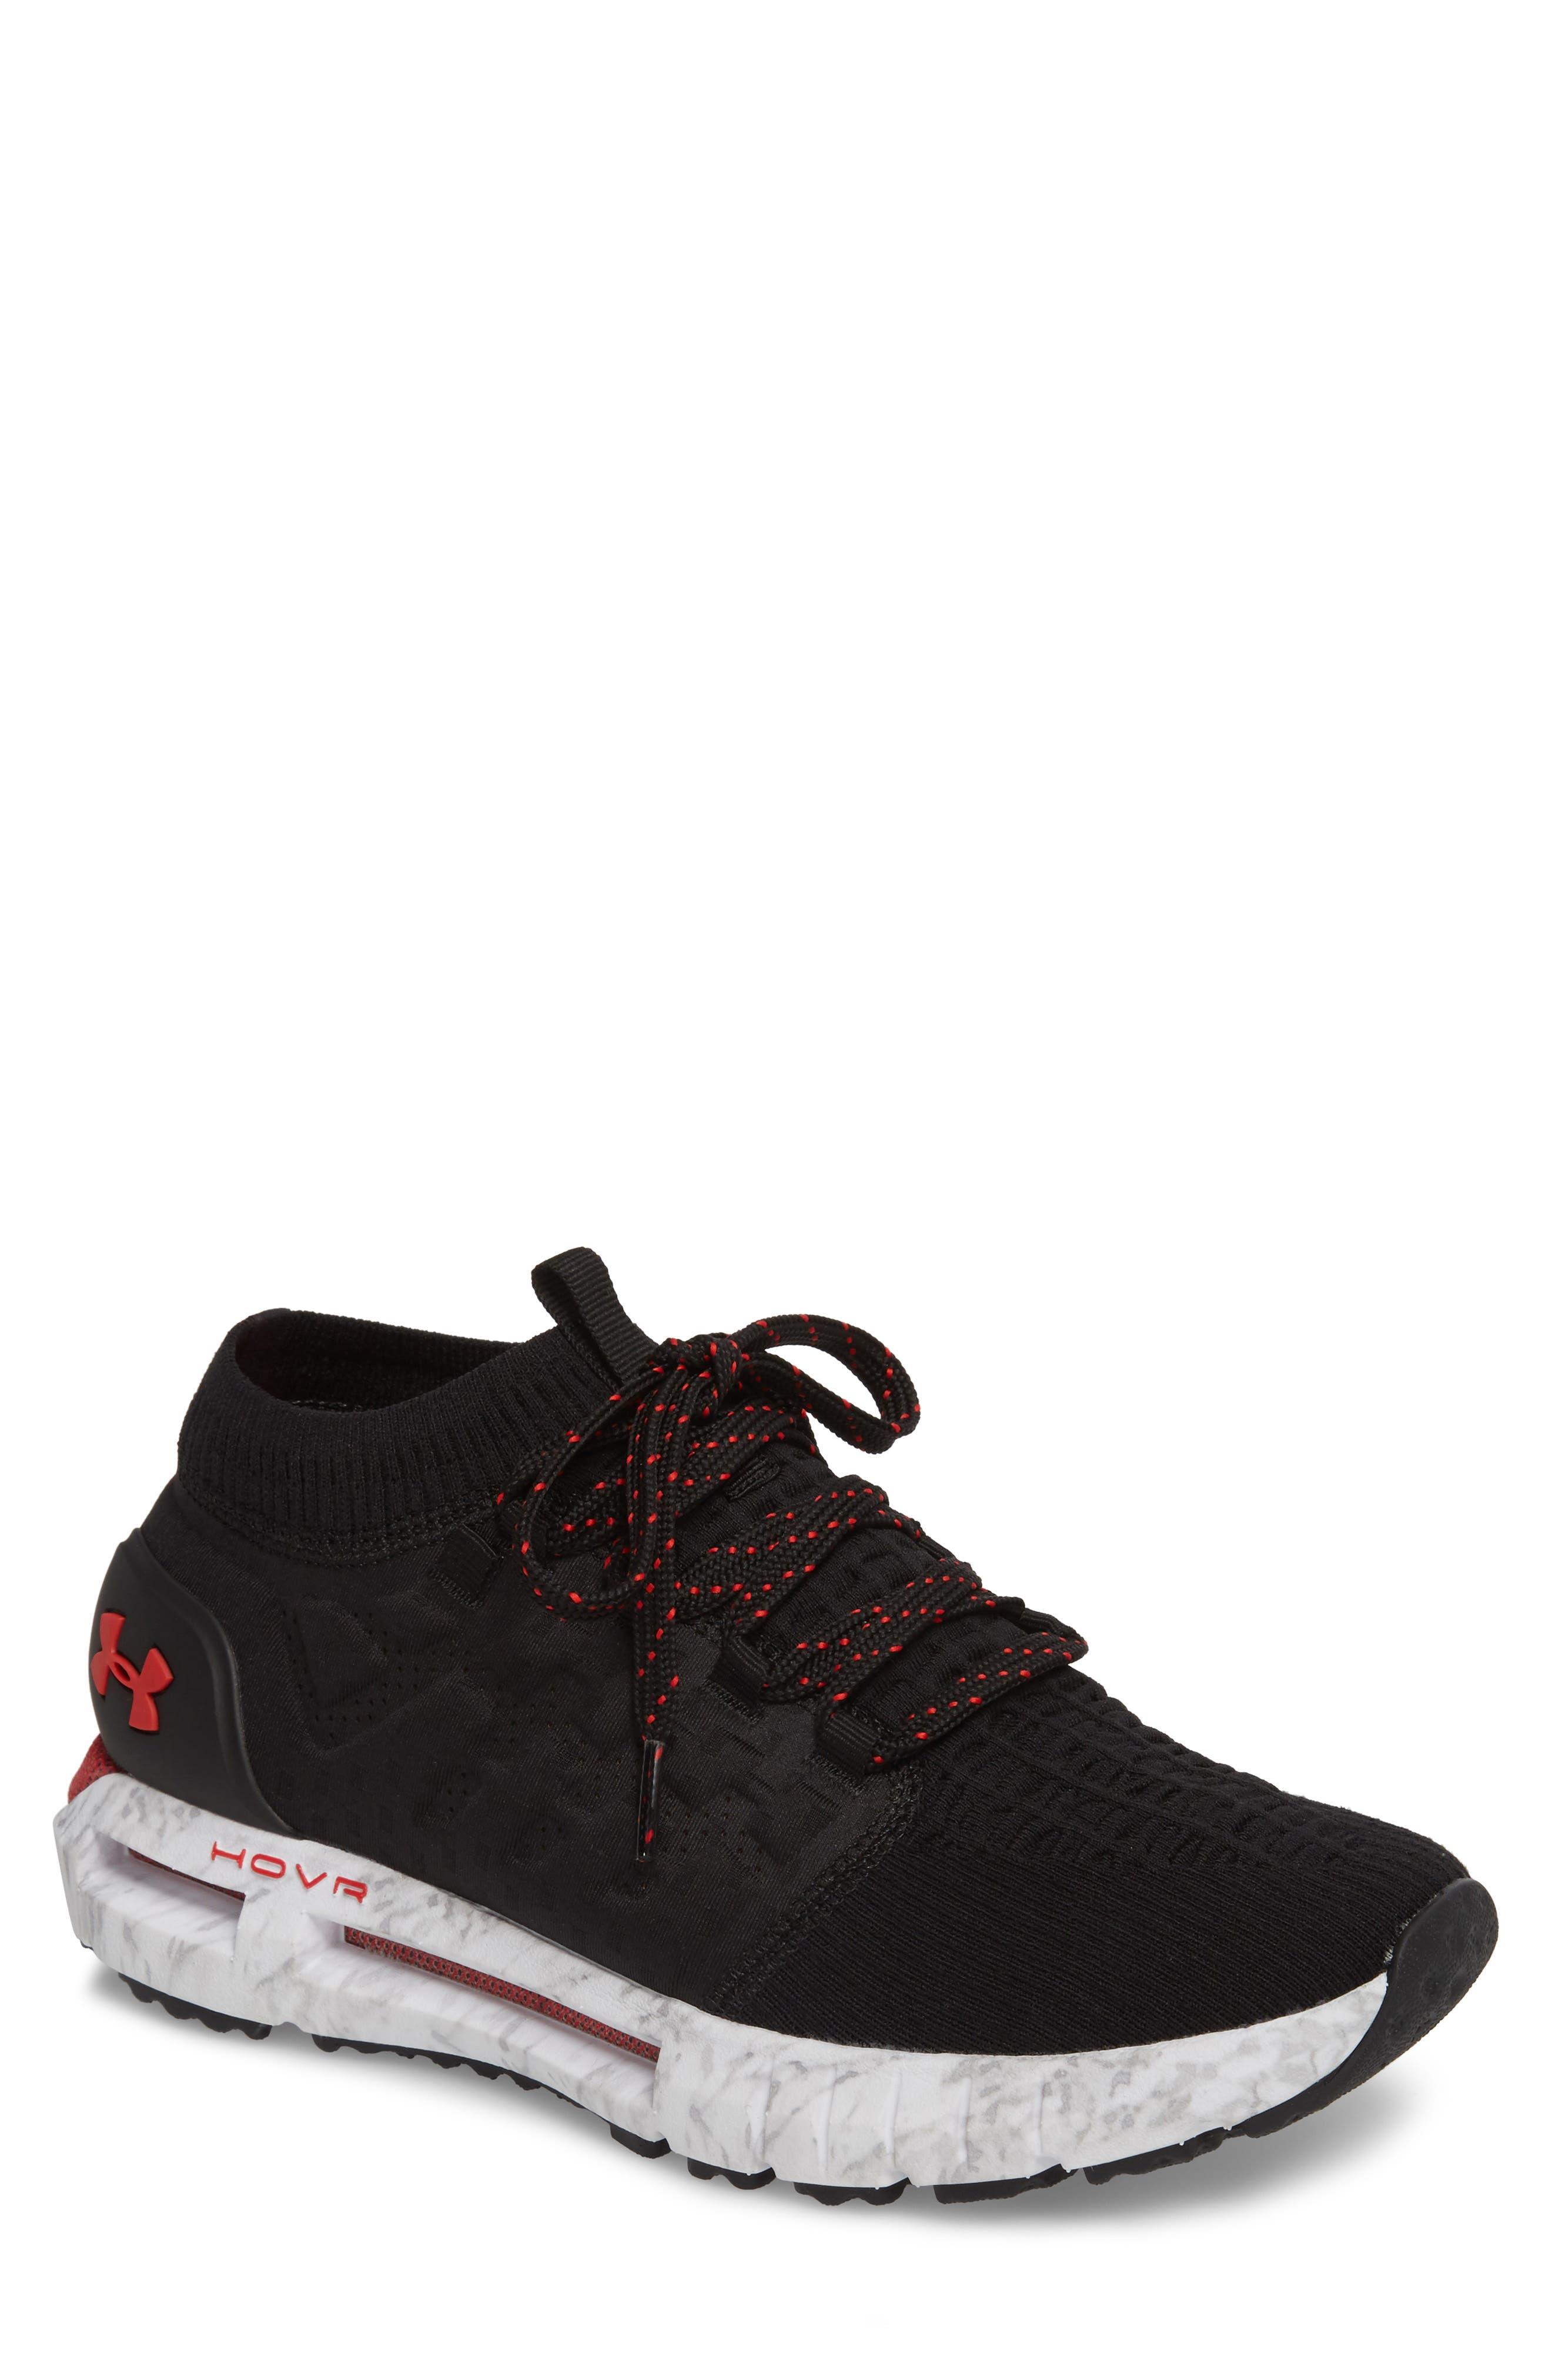 HOVR Phantom NC Sneaker,                         Main,                         color, BLACK/ WHITE/ RED